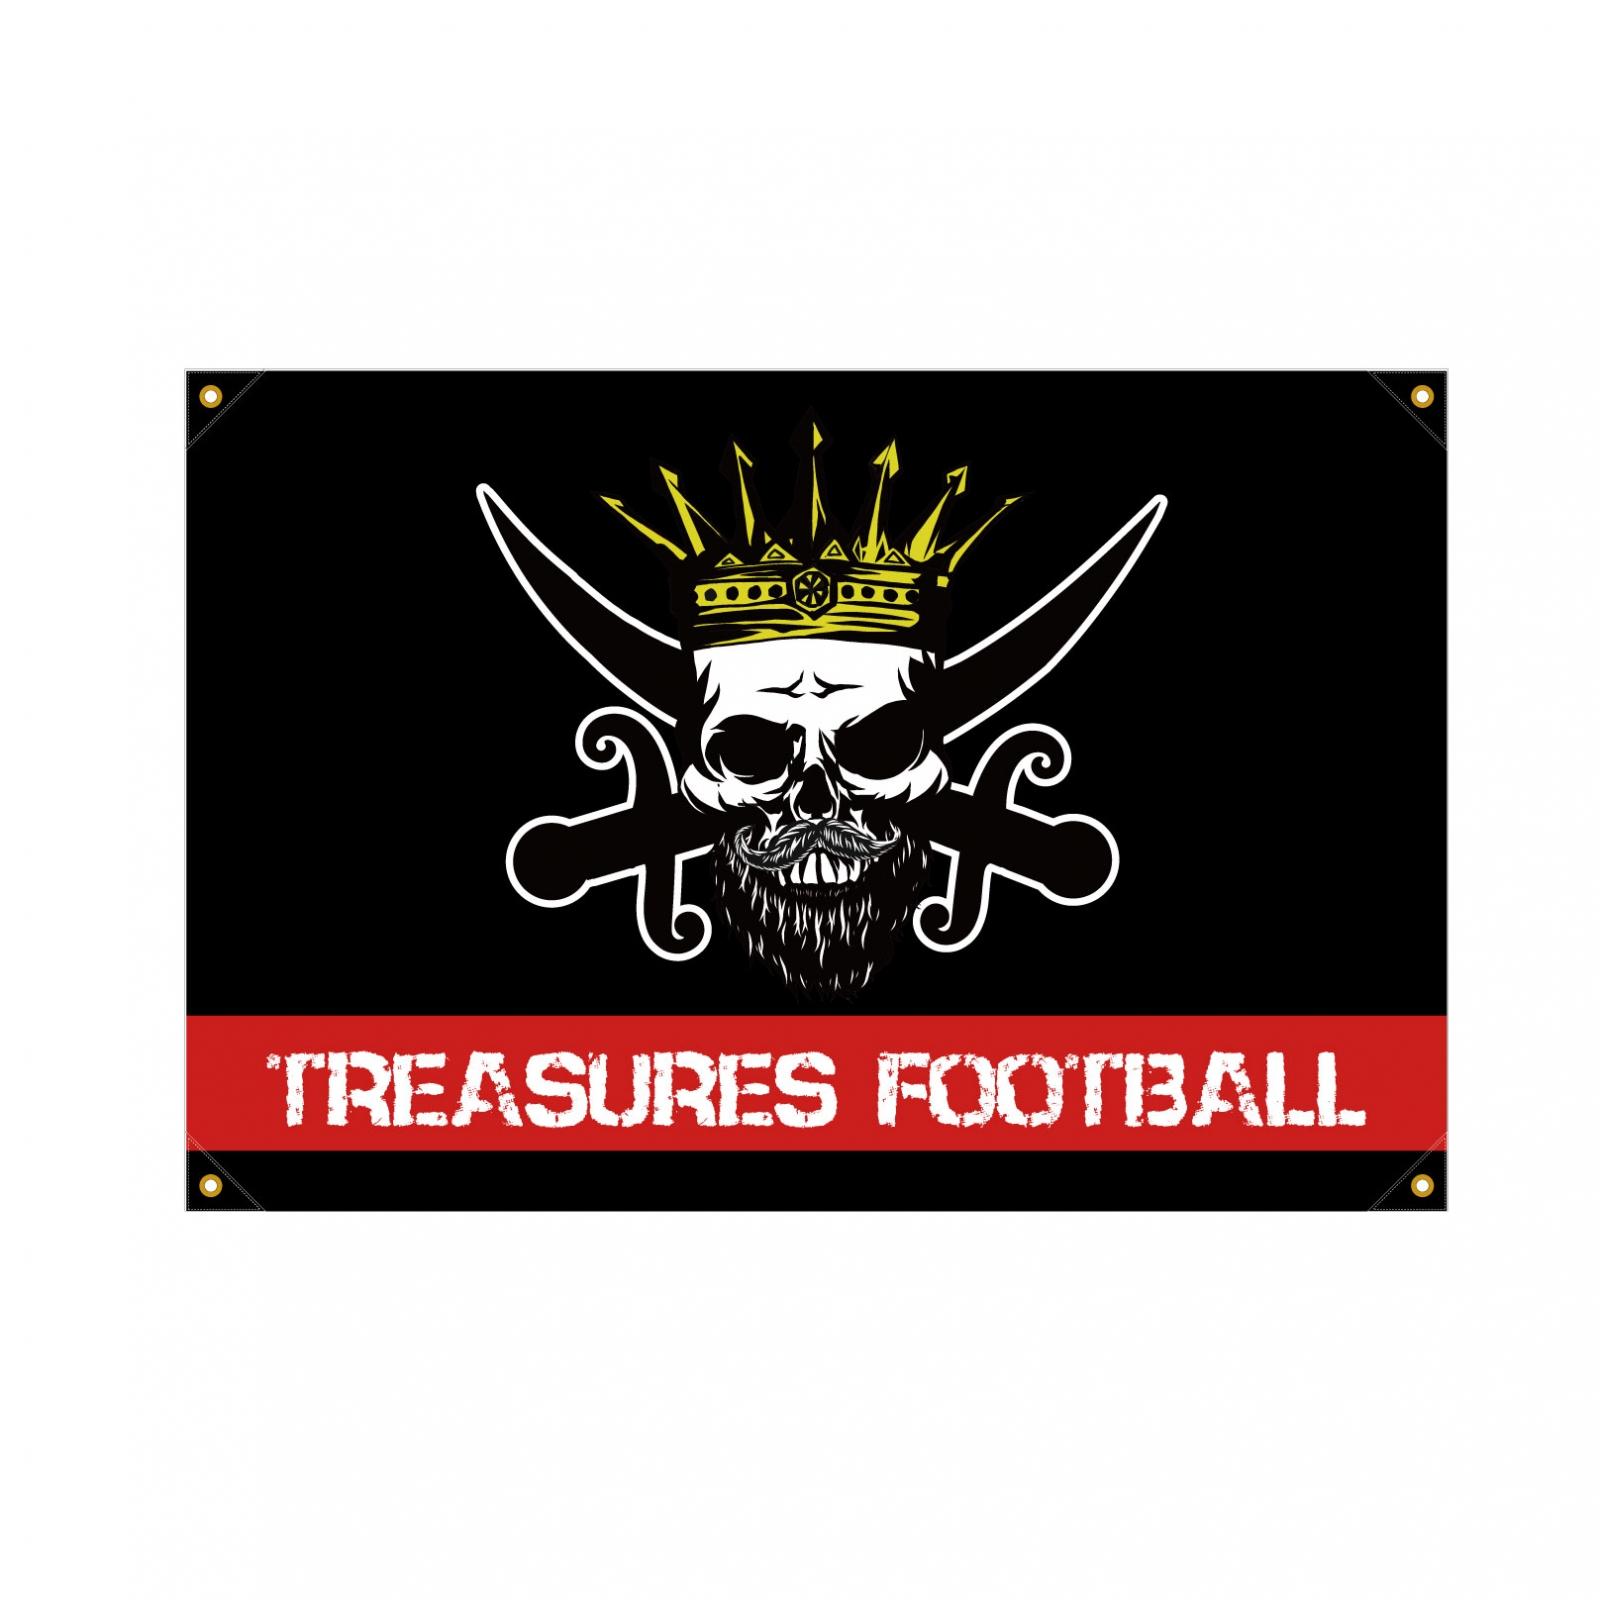 アメリカンフットボール部のクラブ旗